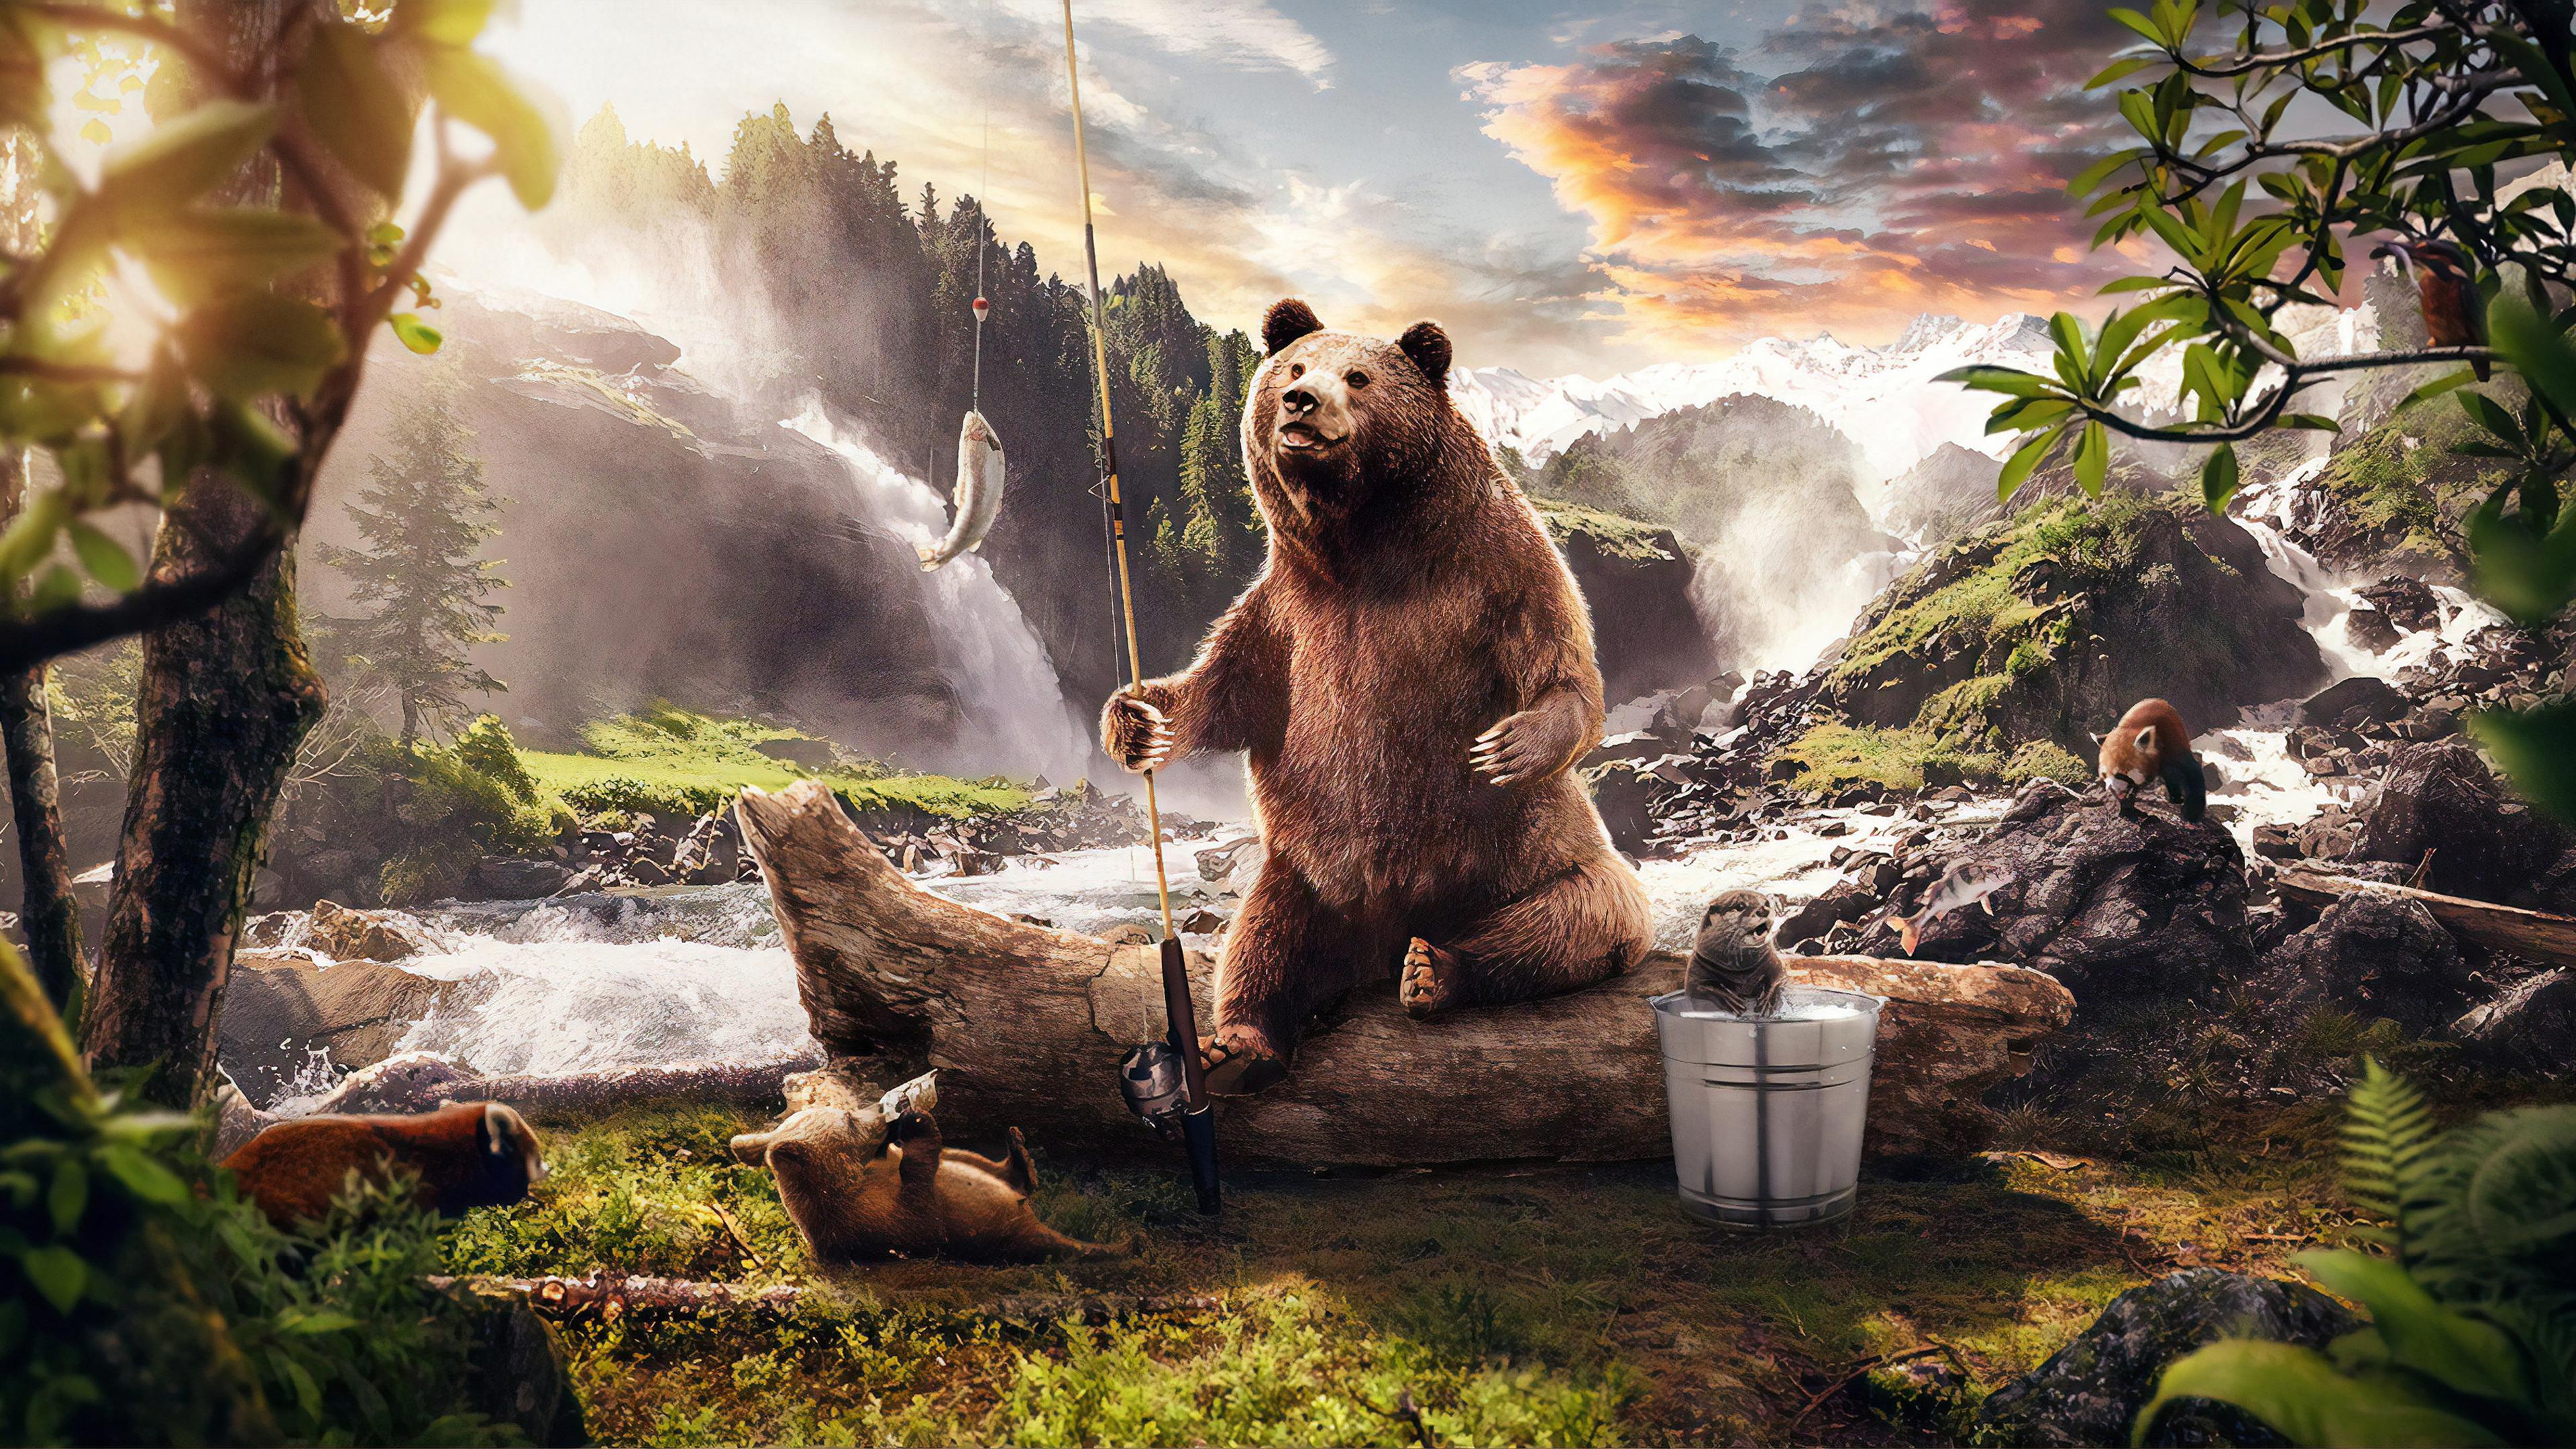 bear in jungle along side river 1560535257 - Bear In Jungle Along Side River - hd-wallpapers, digital art wallpapers, behance wallpapers, bear wallpapers, artist wallpapers, animals wallpapers, 4k-wallpapers